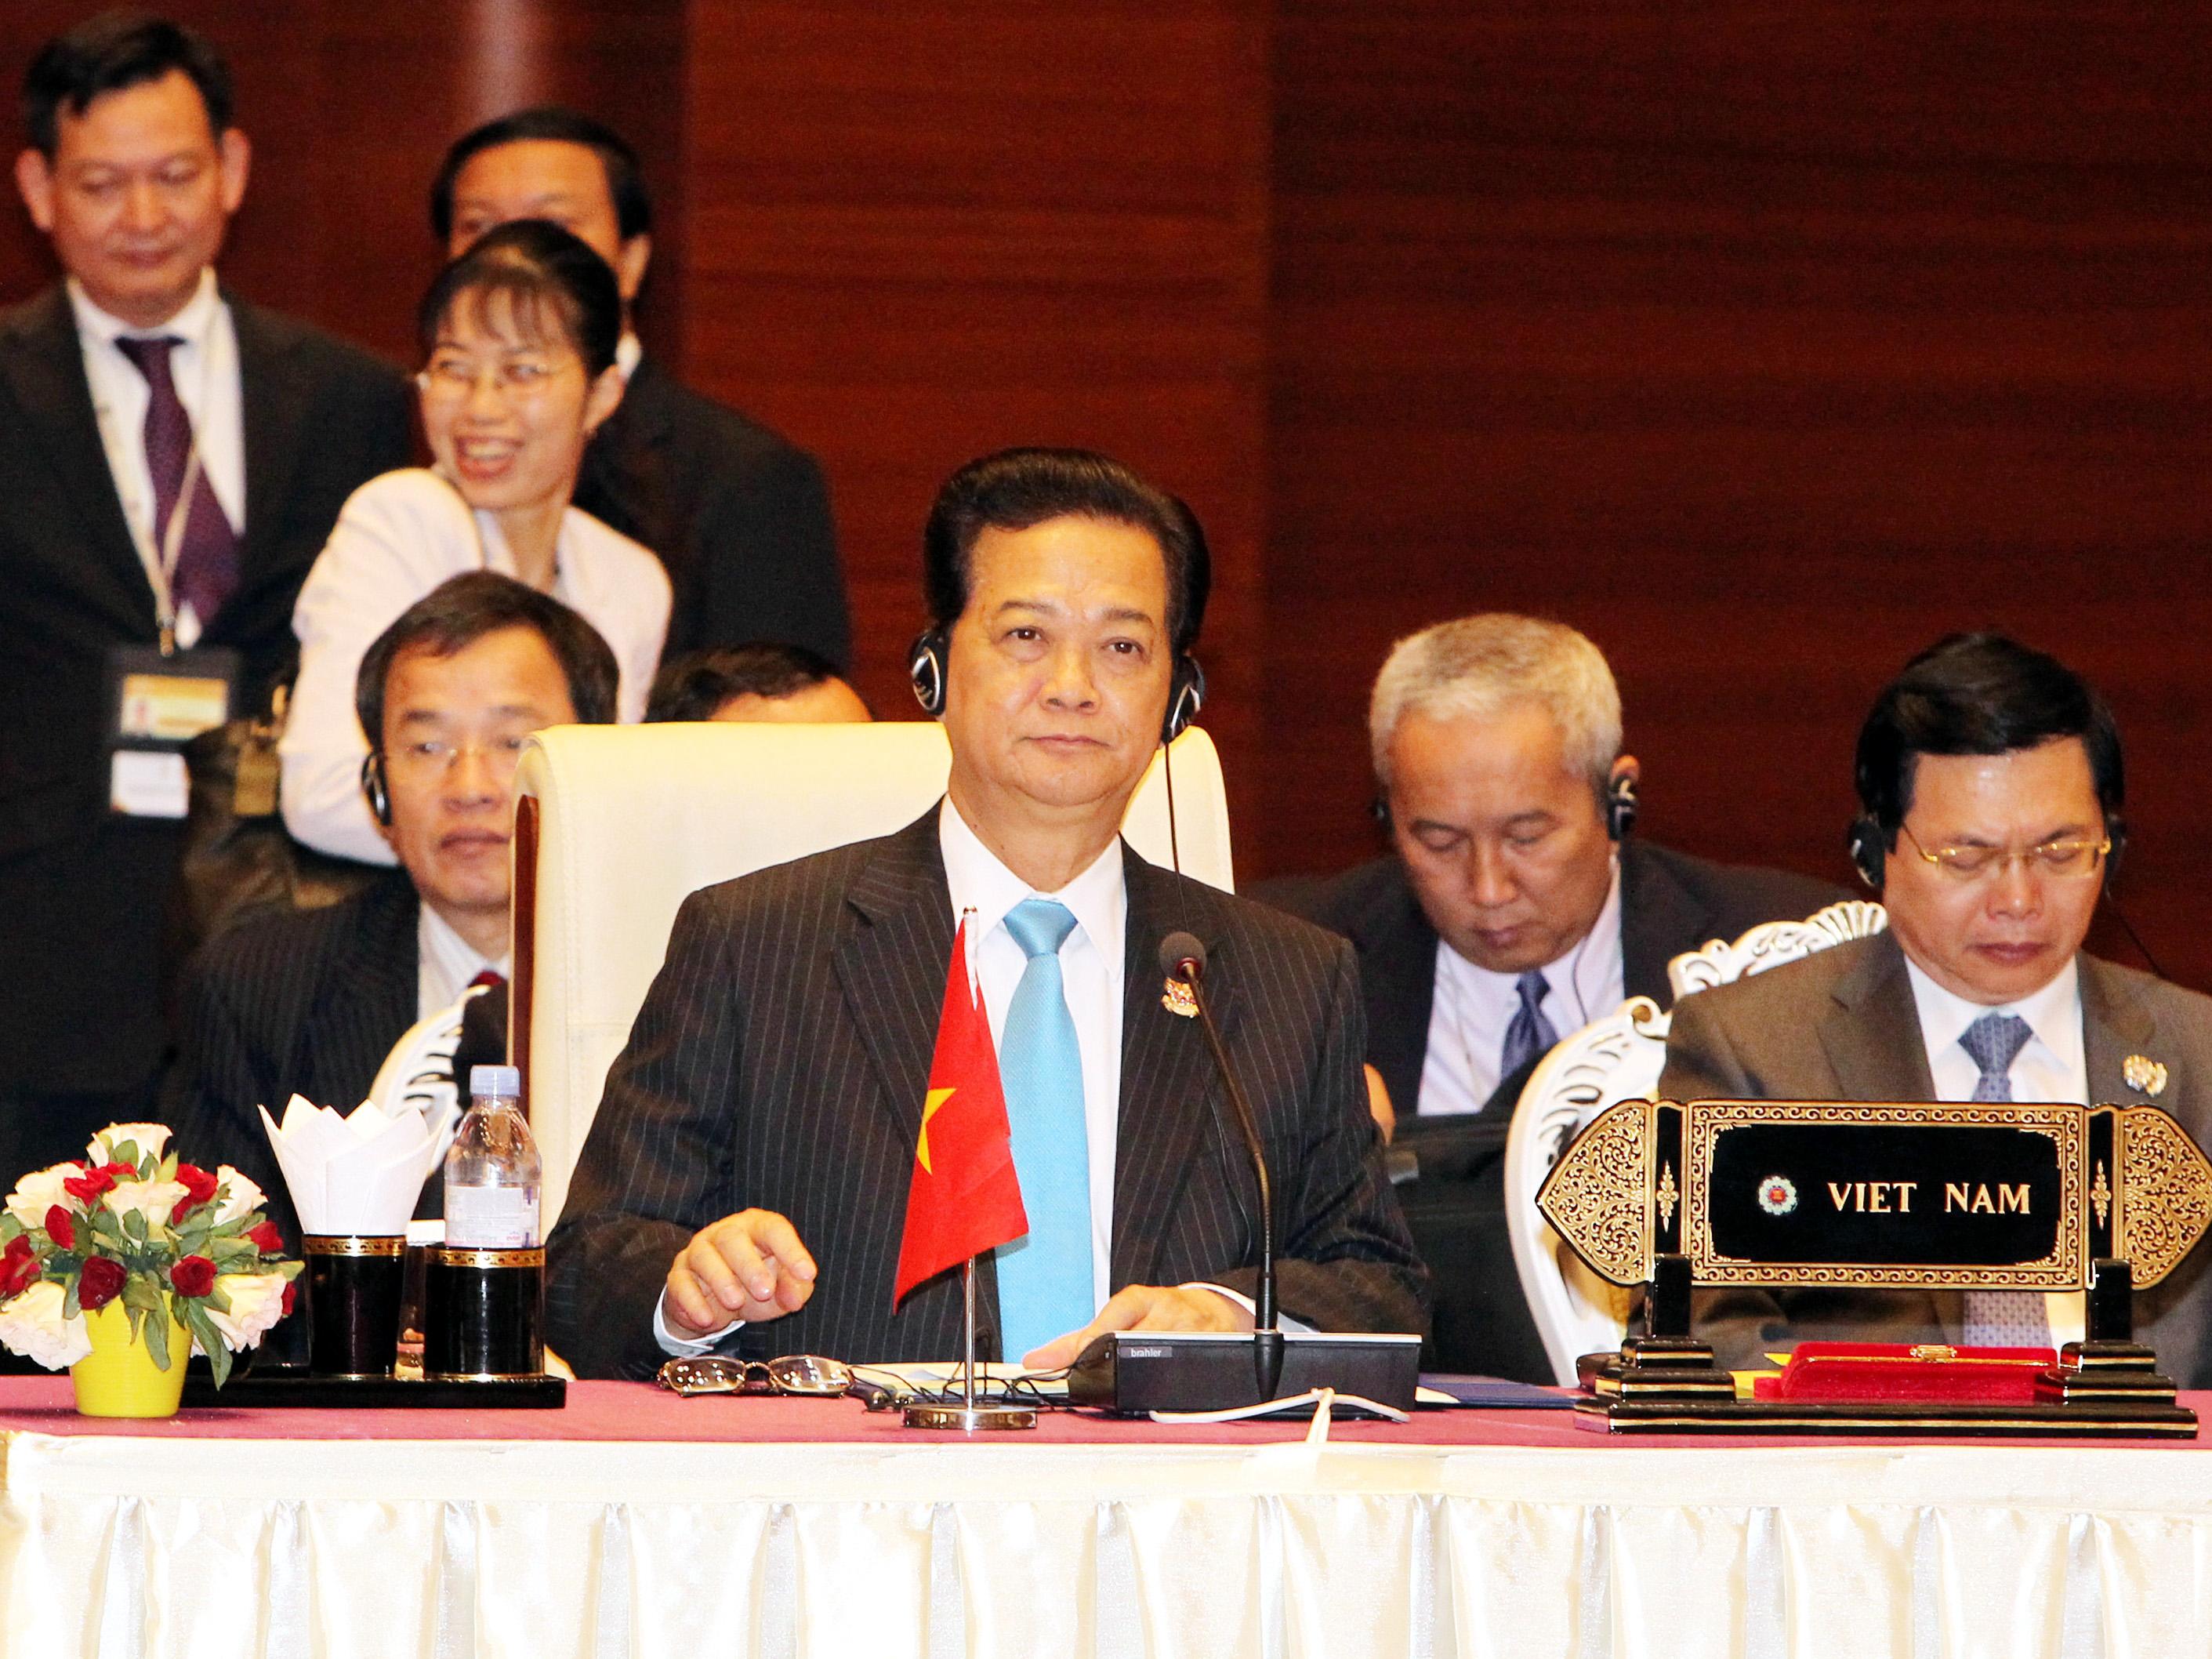 Thủ tướng Nguyễn Tấn Dũng phát biểu tại Hội nghị cấp cao ASEAN ngày 11-5 - Ảnh: Quang Tám